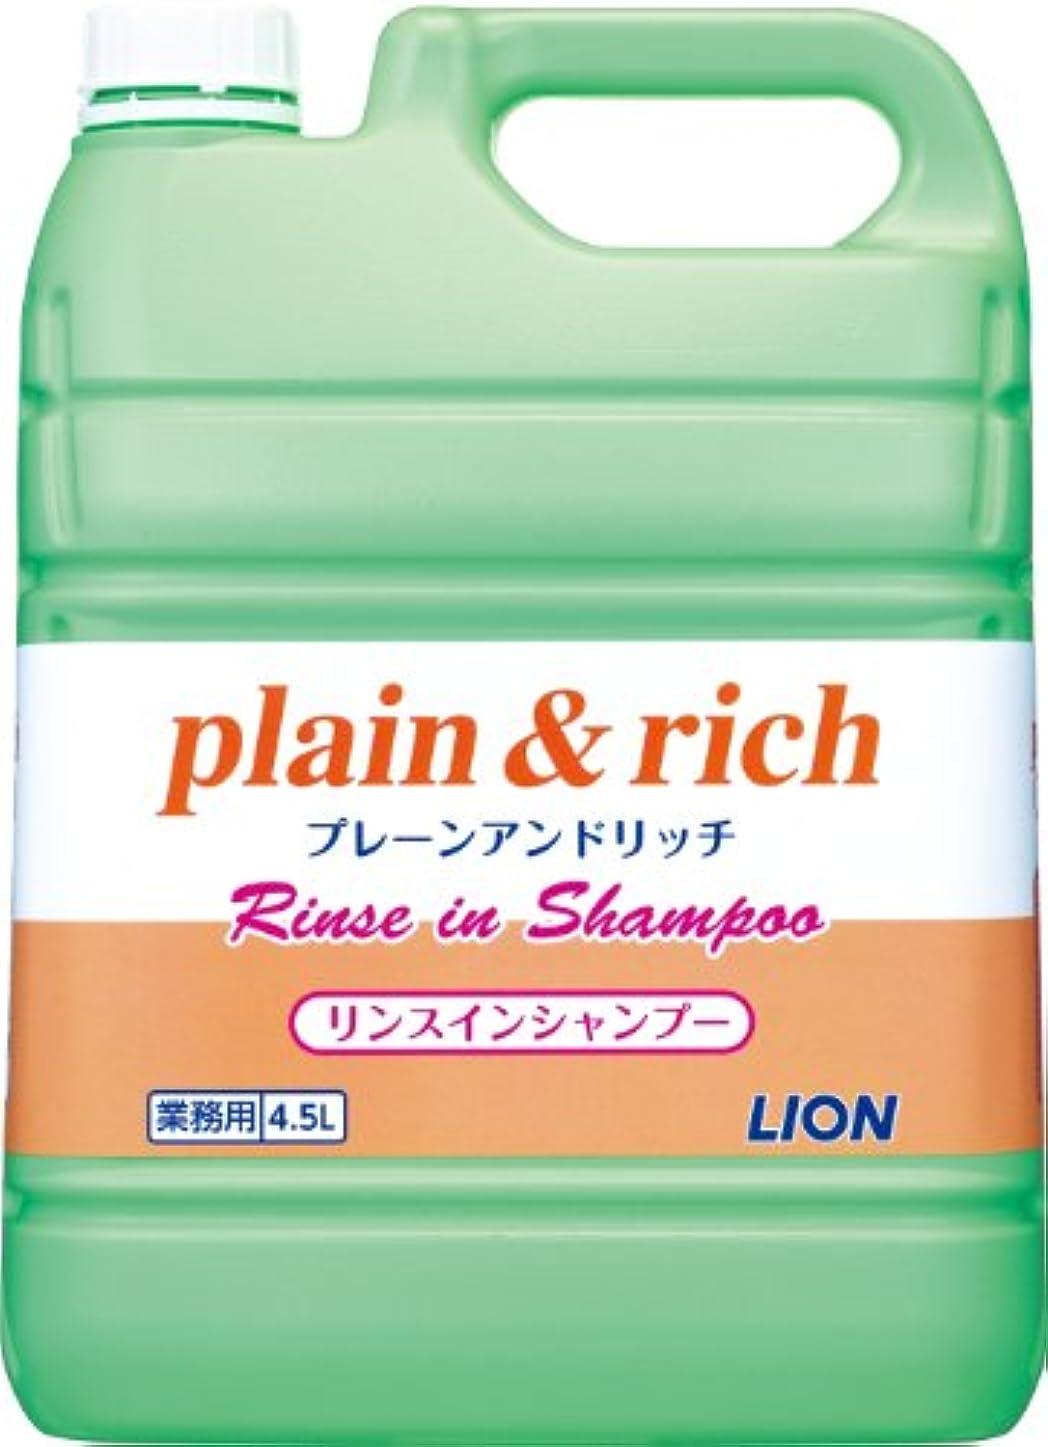 安息証言する広げる【業務用 大容量】プレーン&リッチ リンスインシャンプー 4.5L